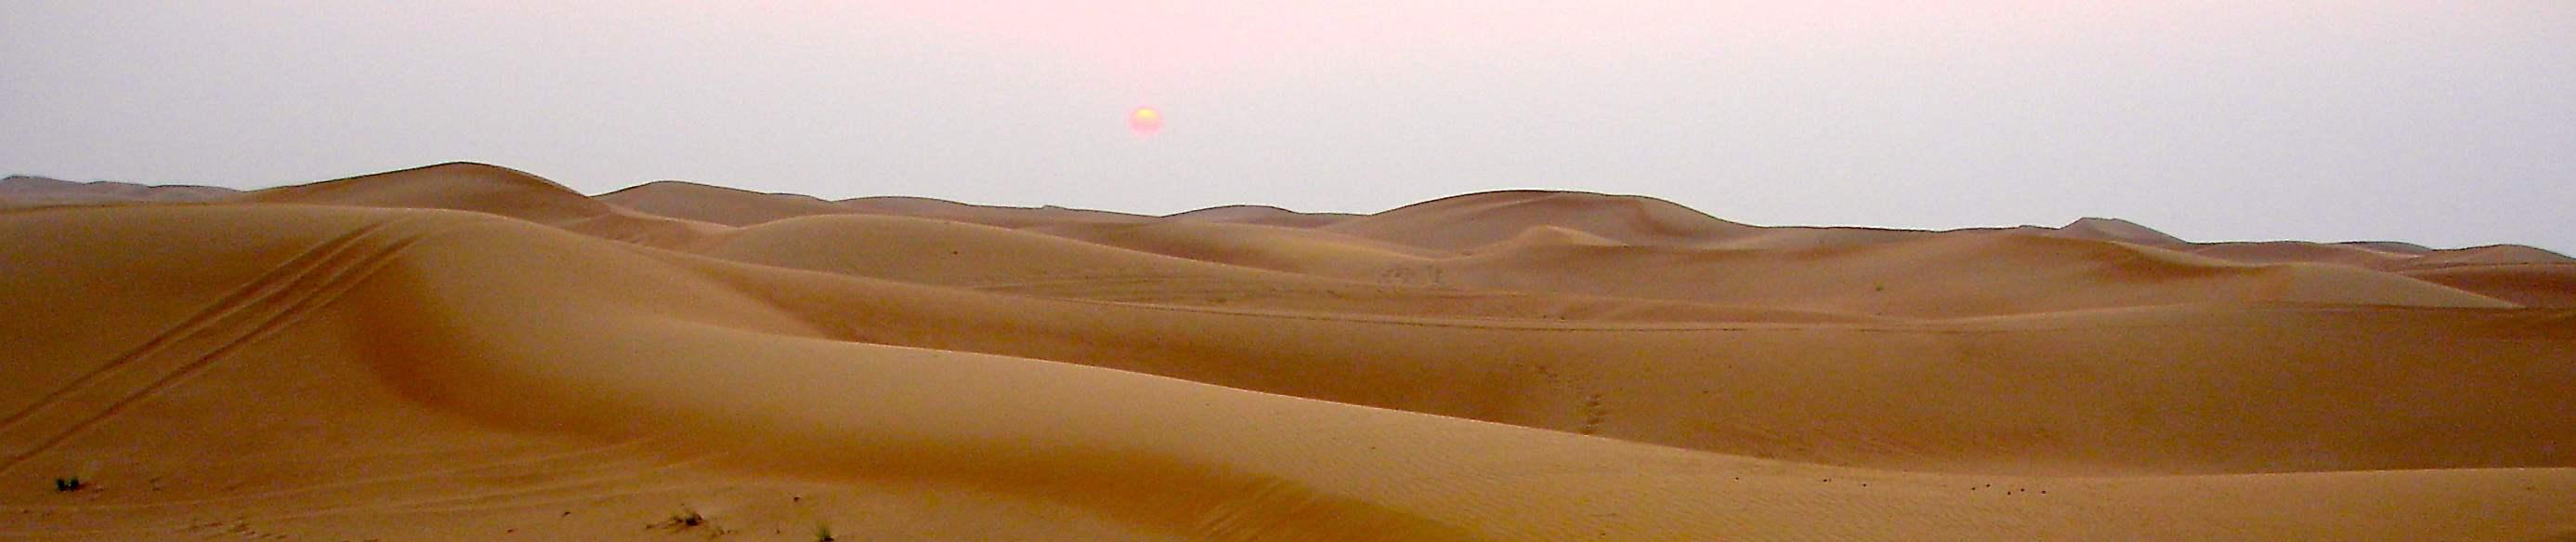 Dubai desert sunset